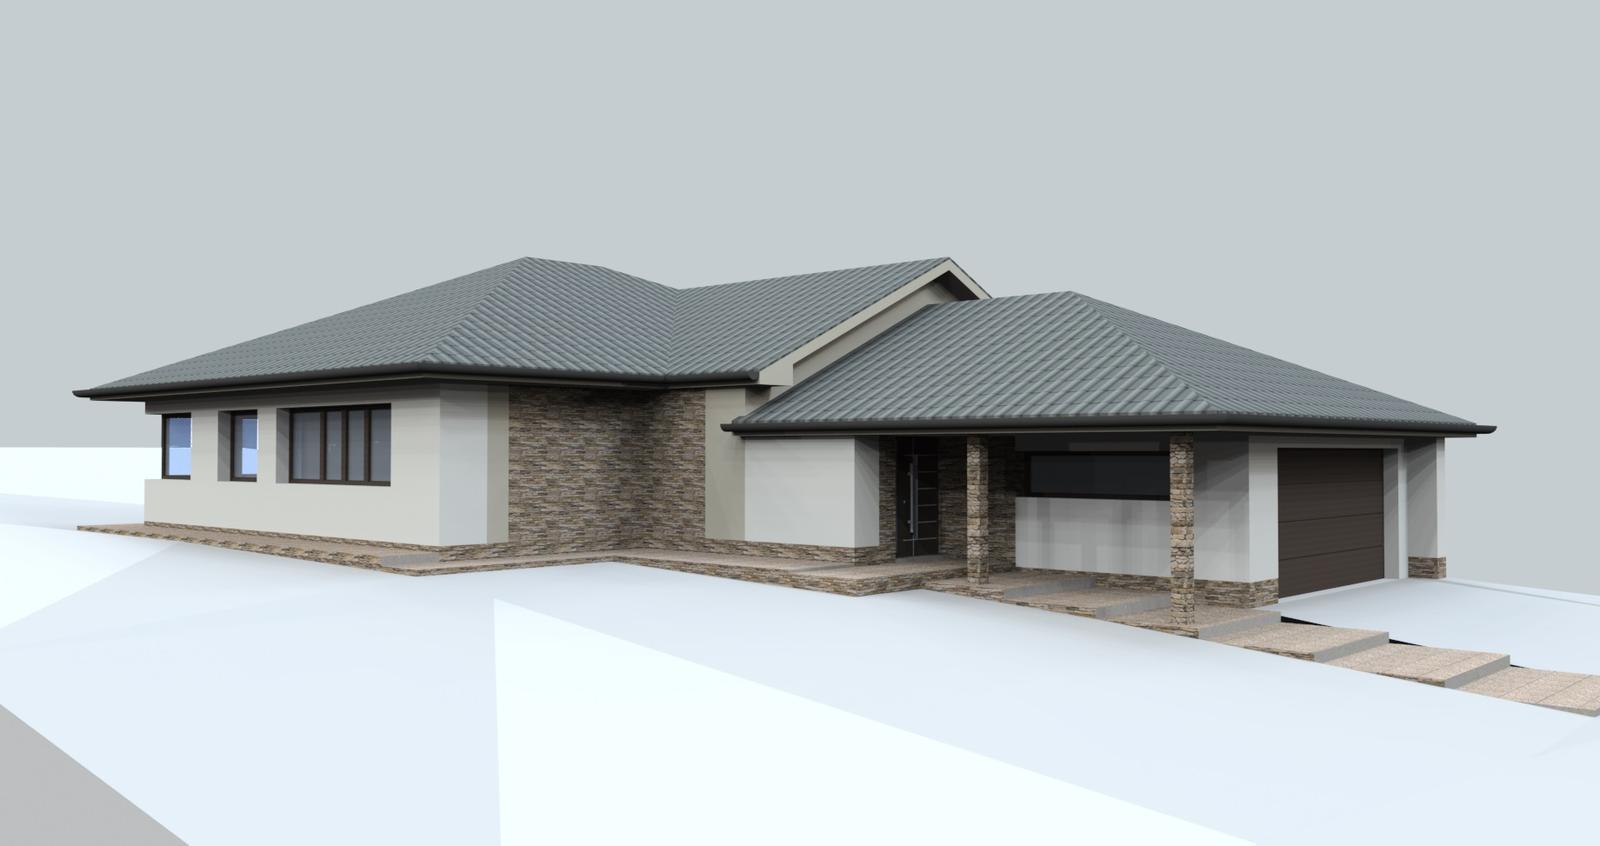 Prebiehajuce projekty - Návrh fasády na rodinnom dome a návrh chodníkov